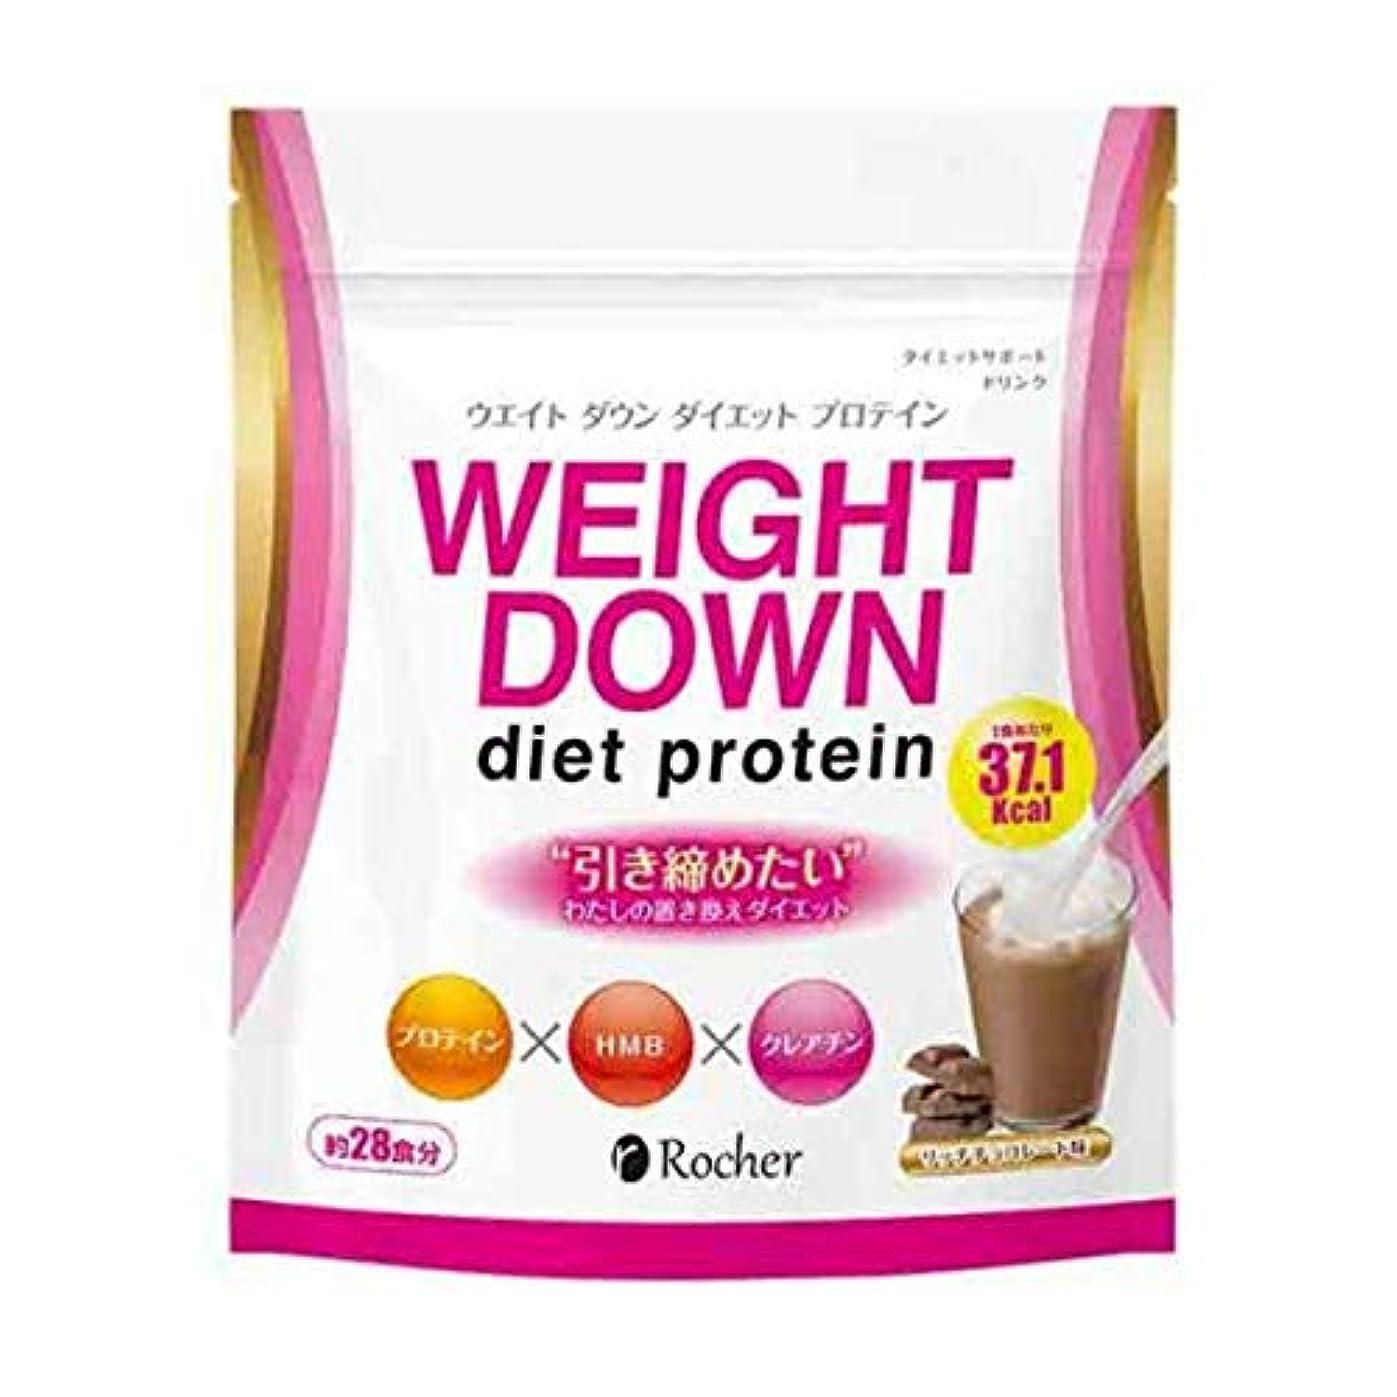 み解凍する、雪解け、霜解けコードウェイトダウン ダイエットプロテイン 置き換えダイエット!栄養バランを考えて作られたダイエットプロテイン